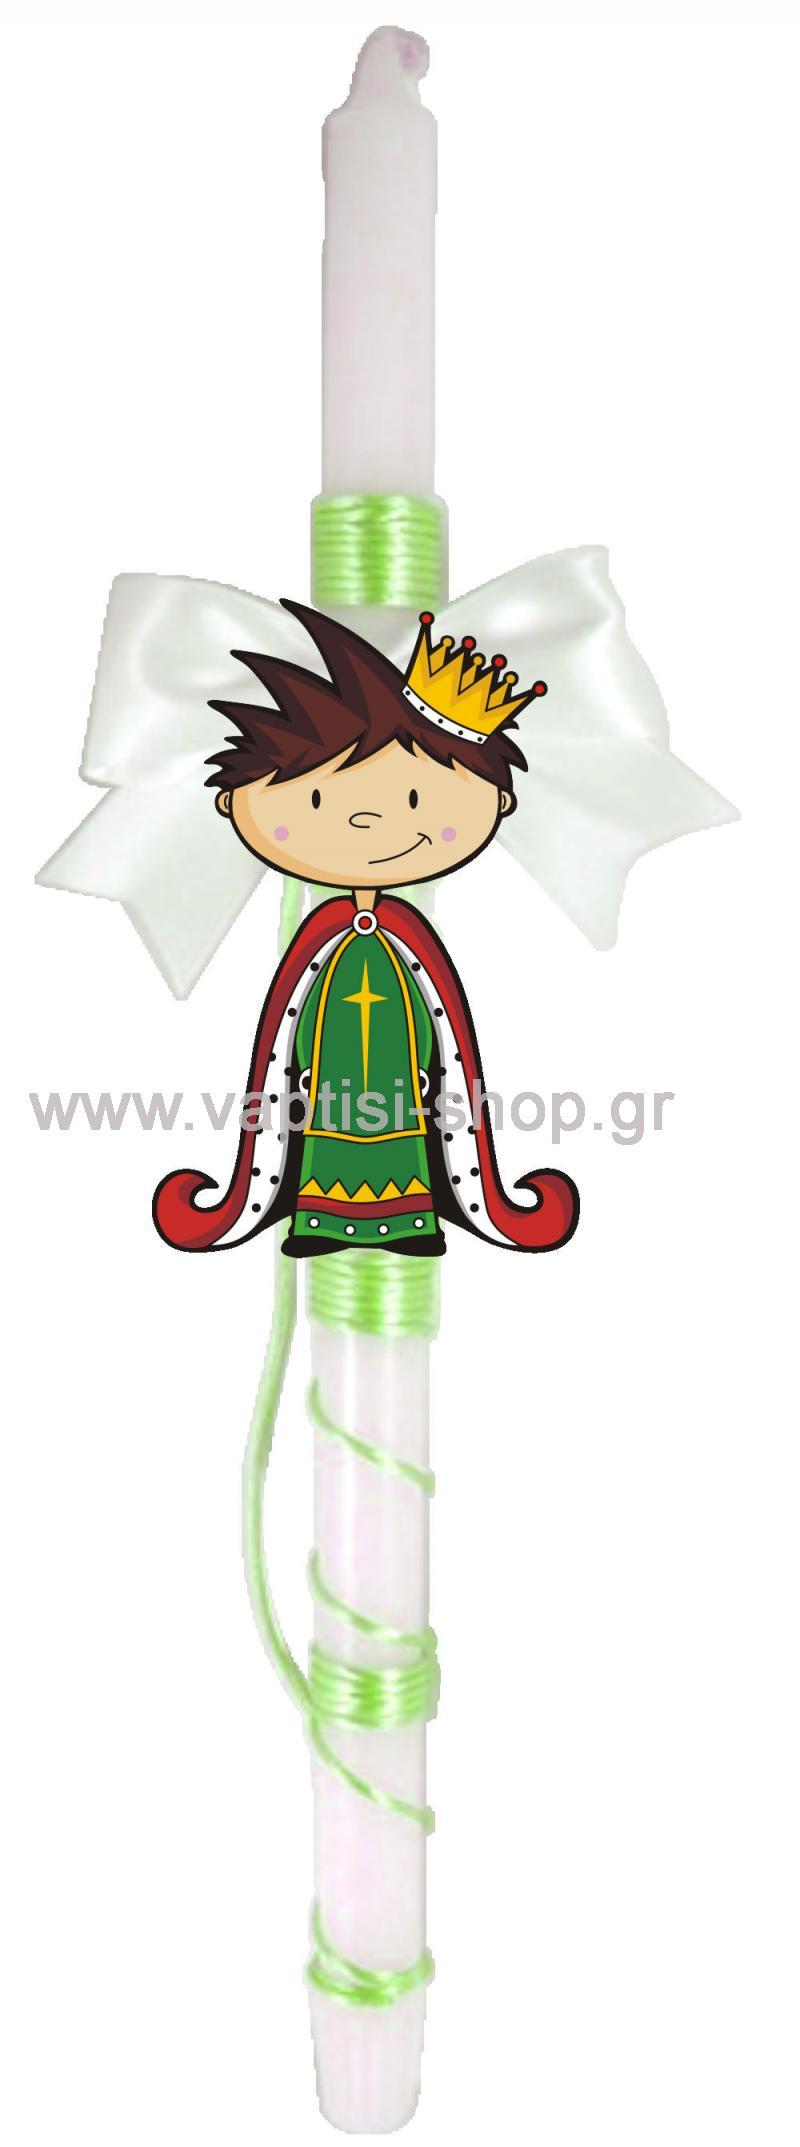 Πασχαλινή Λαμπάδα Πρίγκιπας